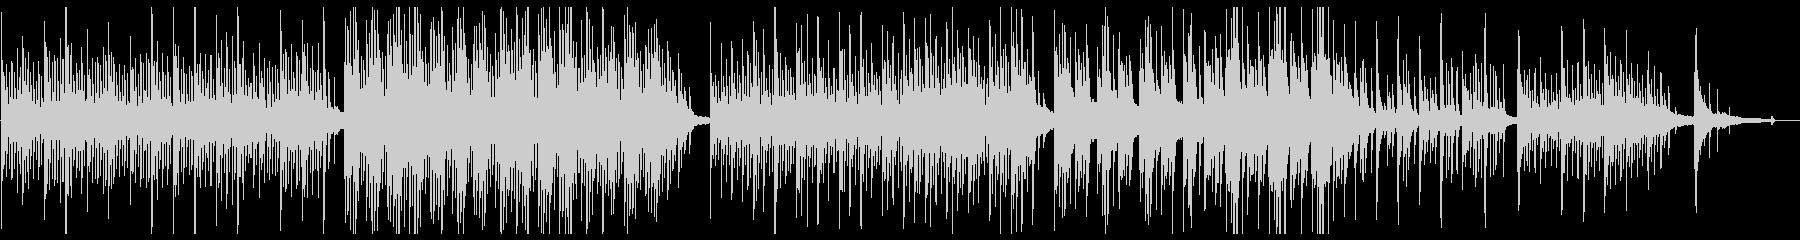 優しく静かなピアノバラードの未再生の波形